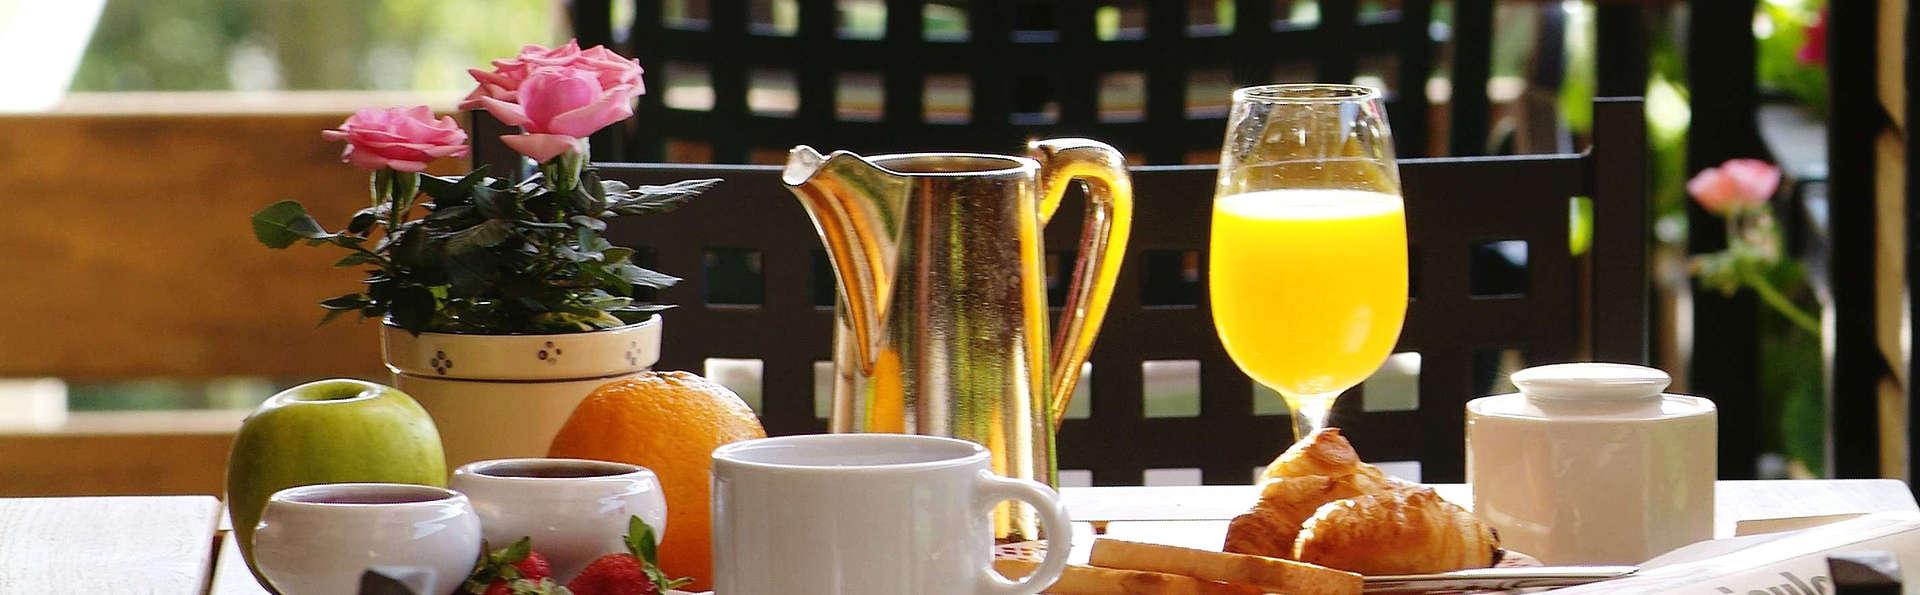 Jenny - edit_breakfast.jpg